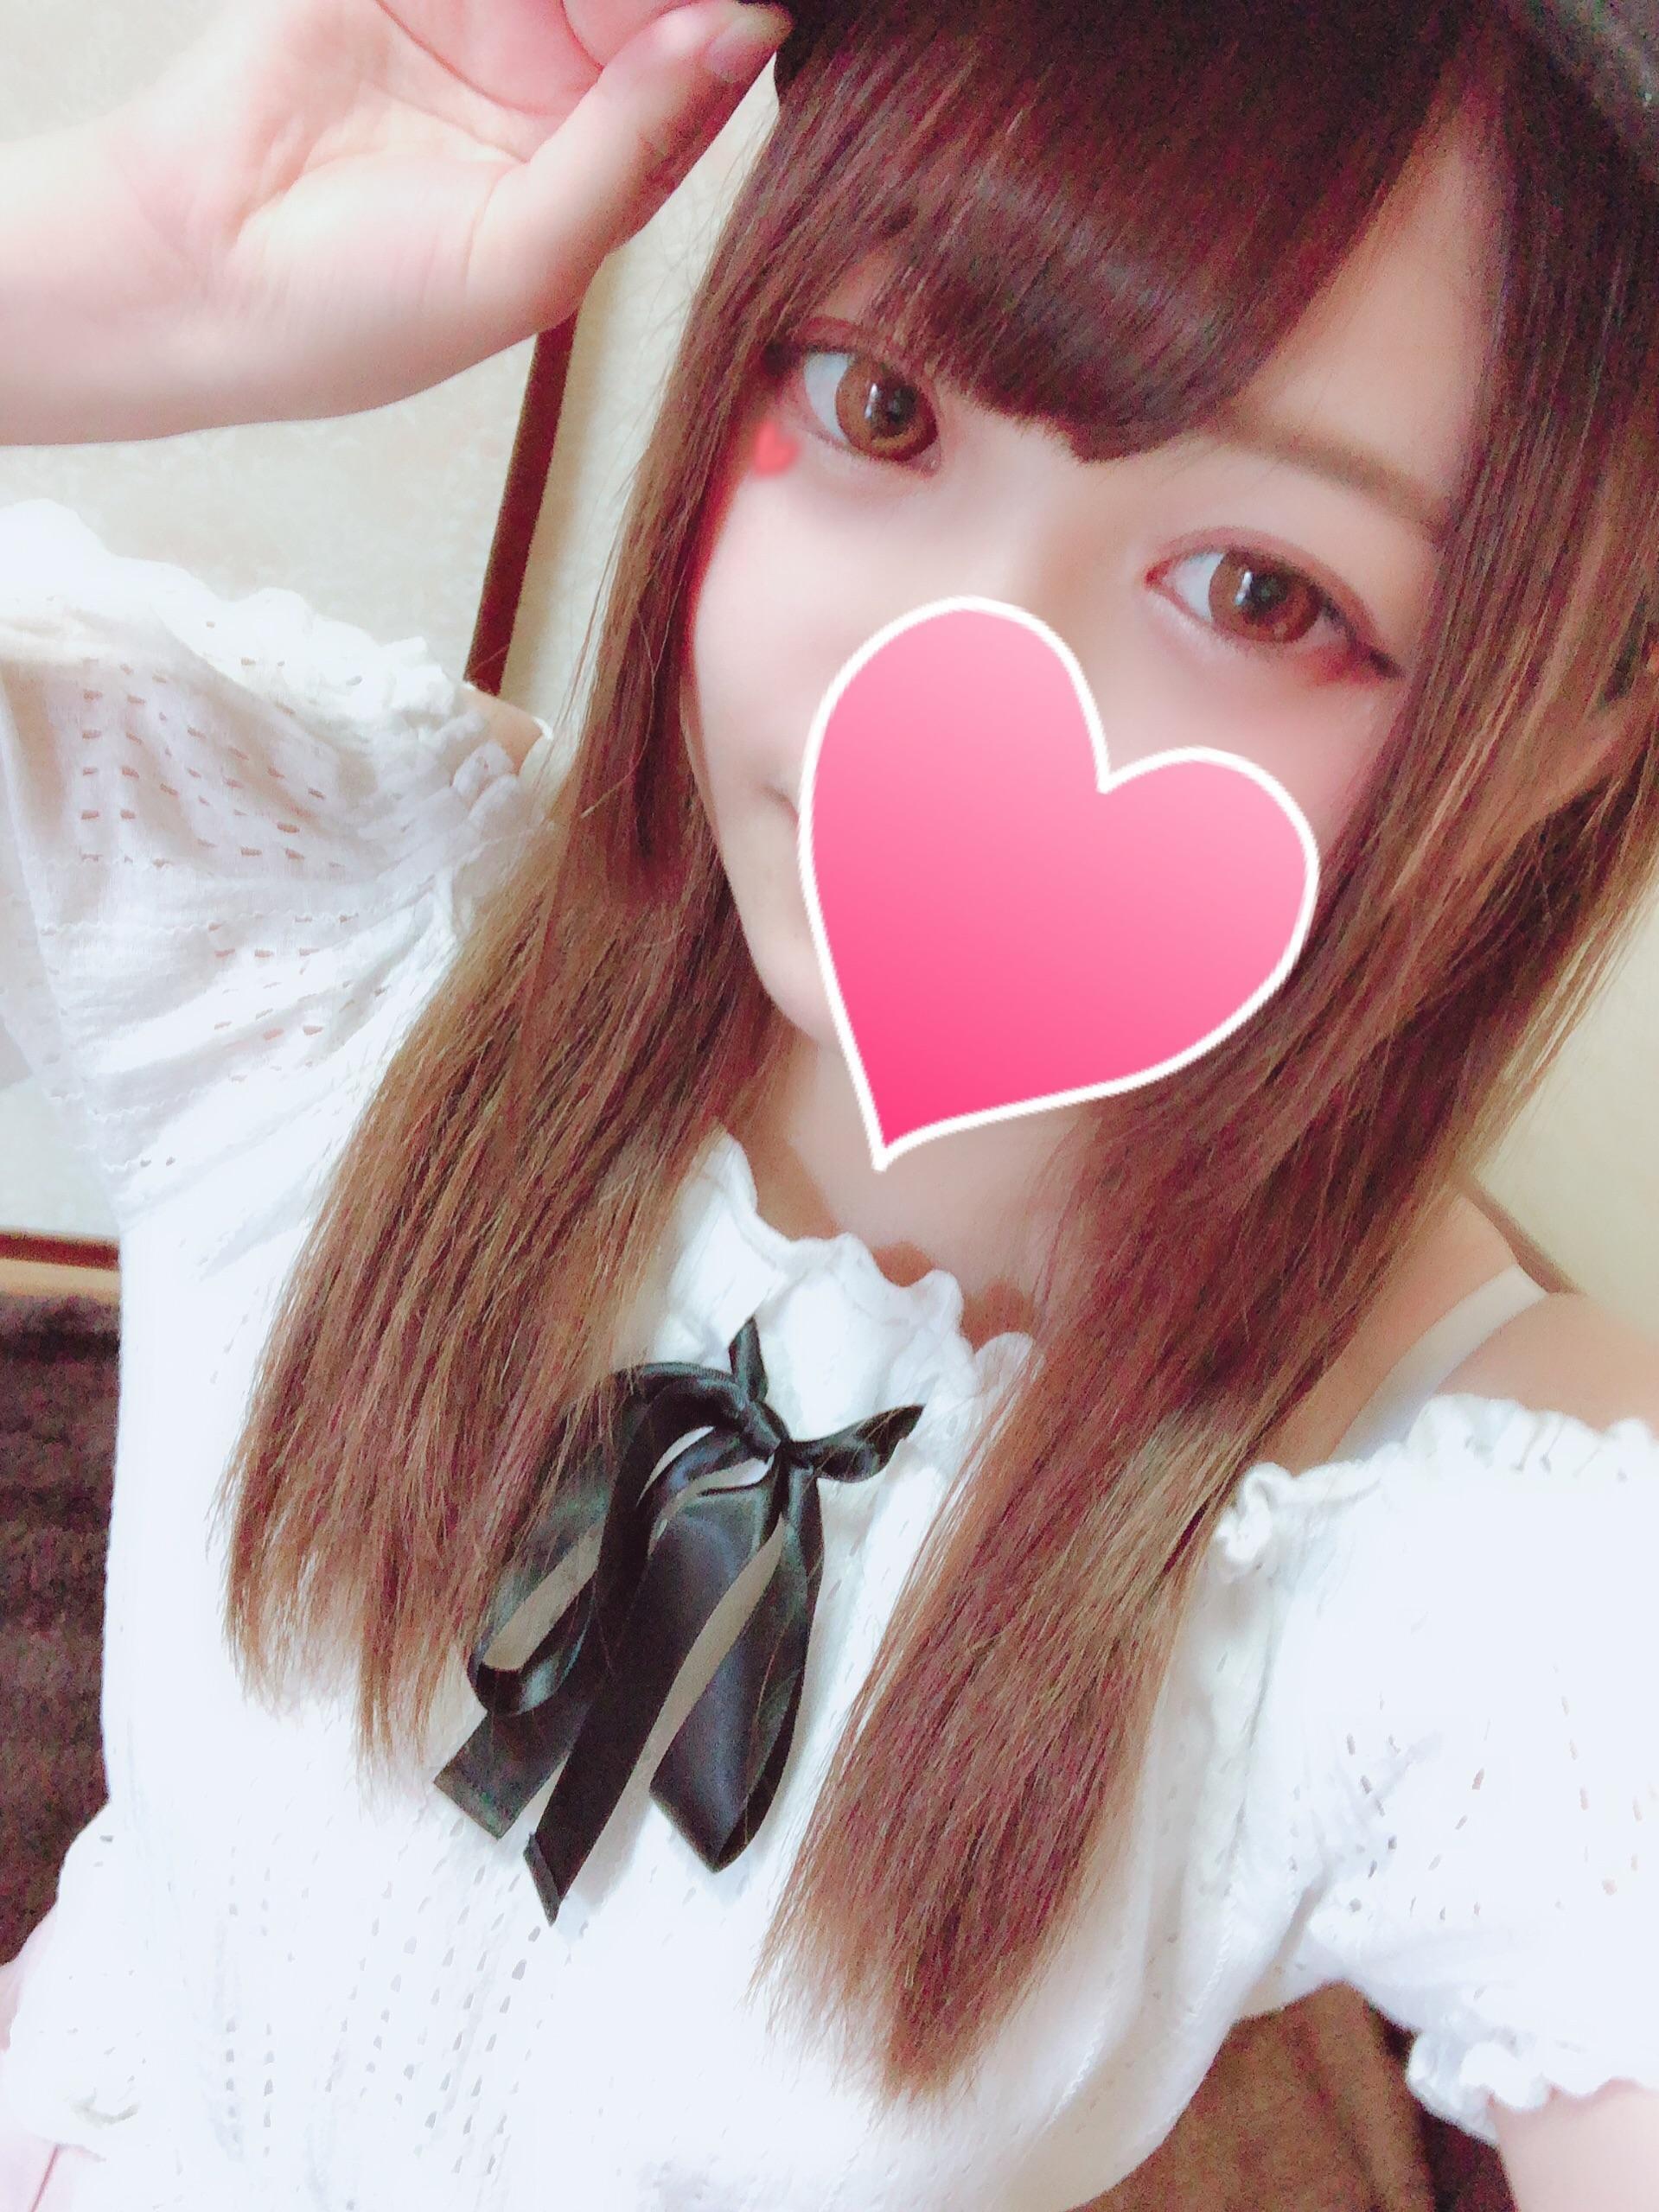 すてら「おつかれさまっ♡」07/22(日) 05:39   すてらの写メ・風俗動画